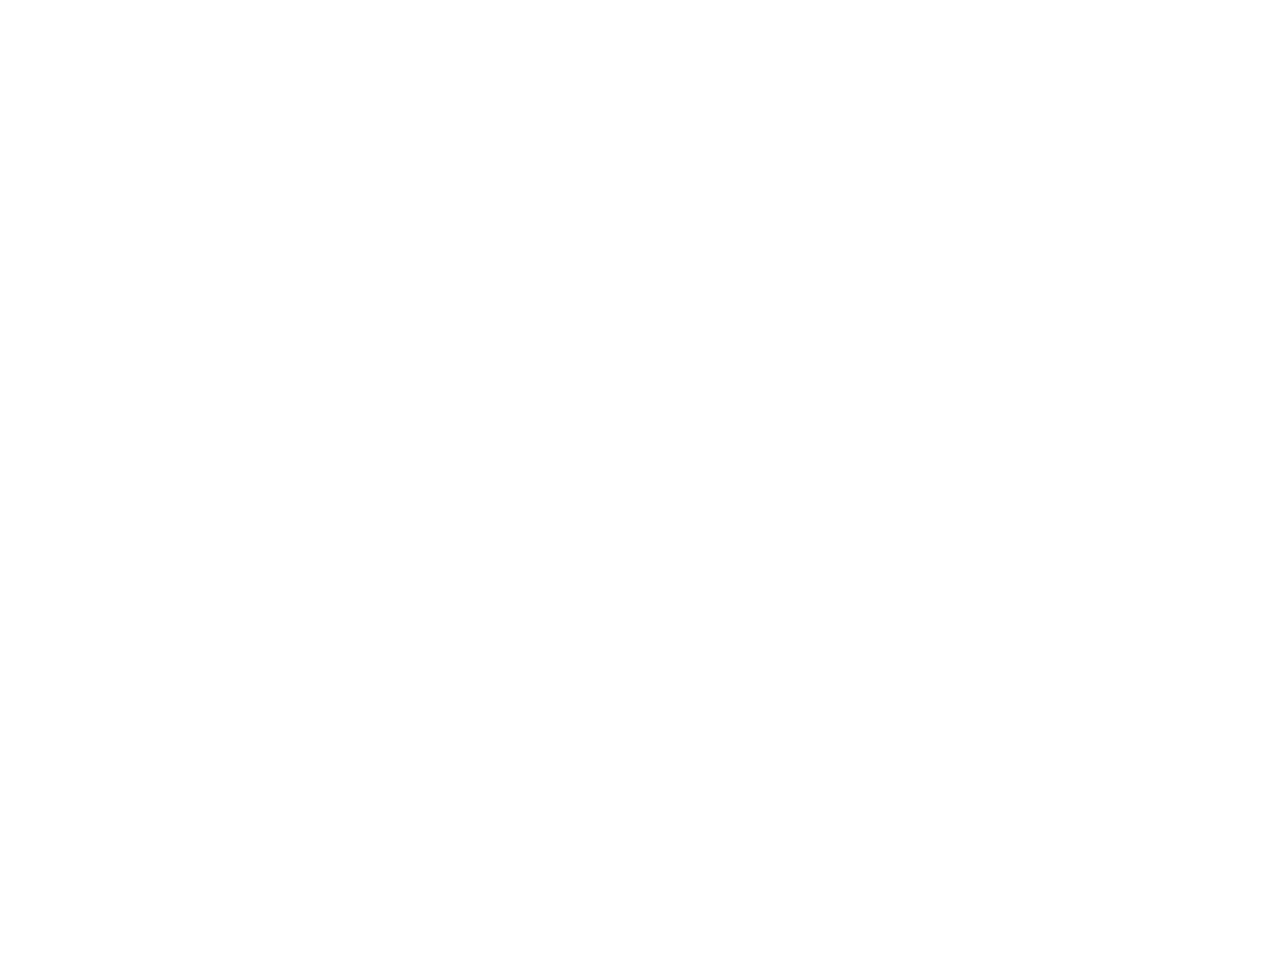 深港在线_深圳香港两地精品生活新闻门户网站